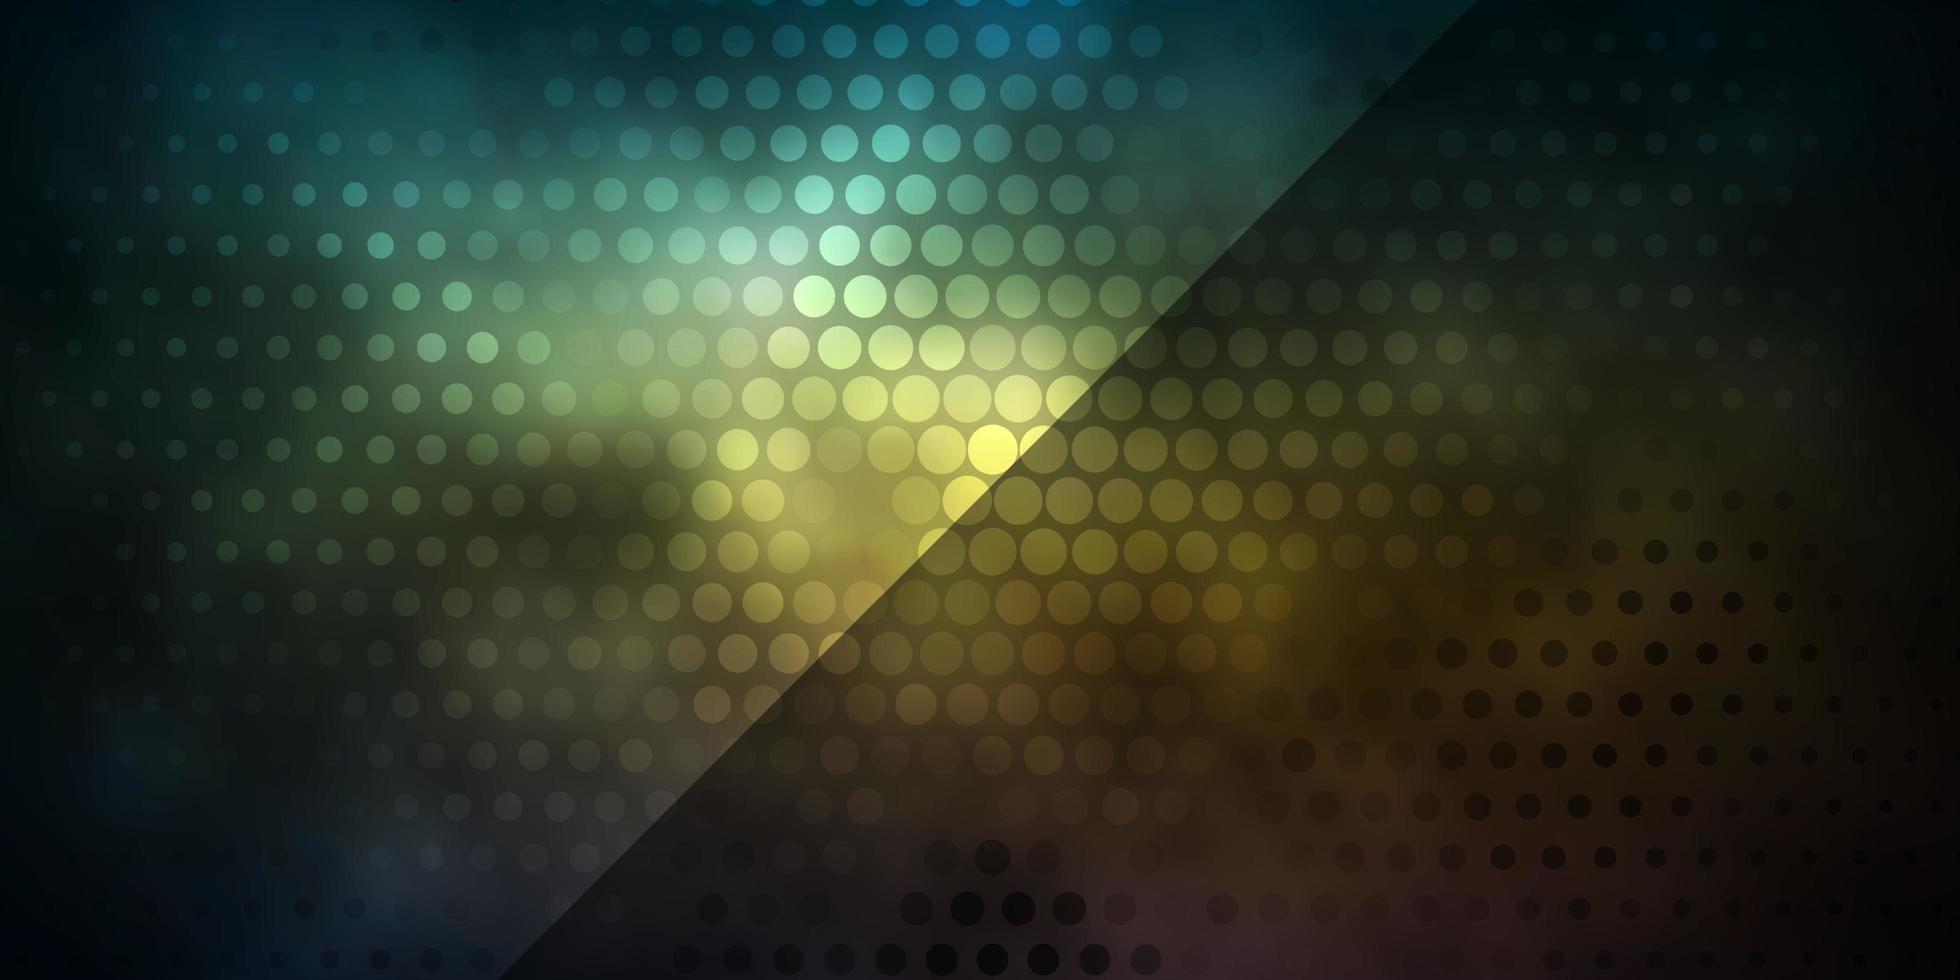 fond jaune foncé avec des cercles. vecteur